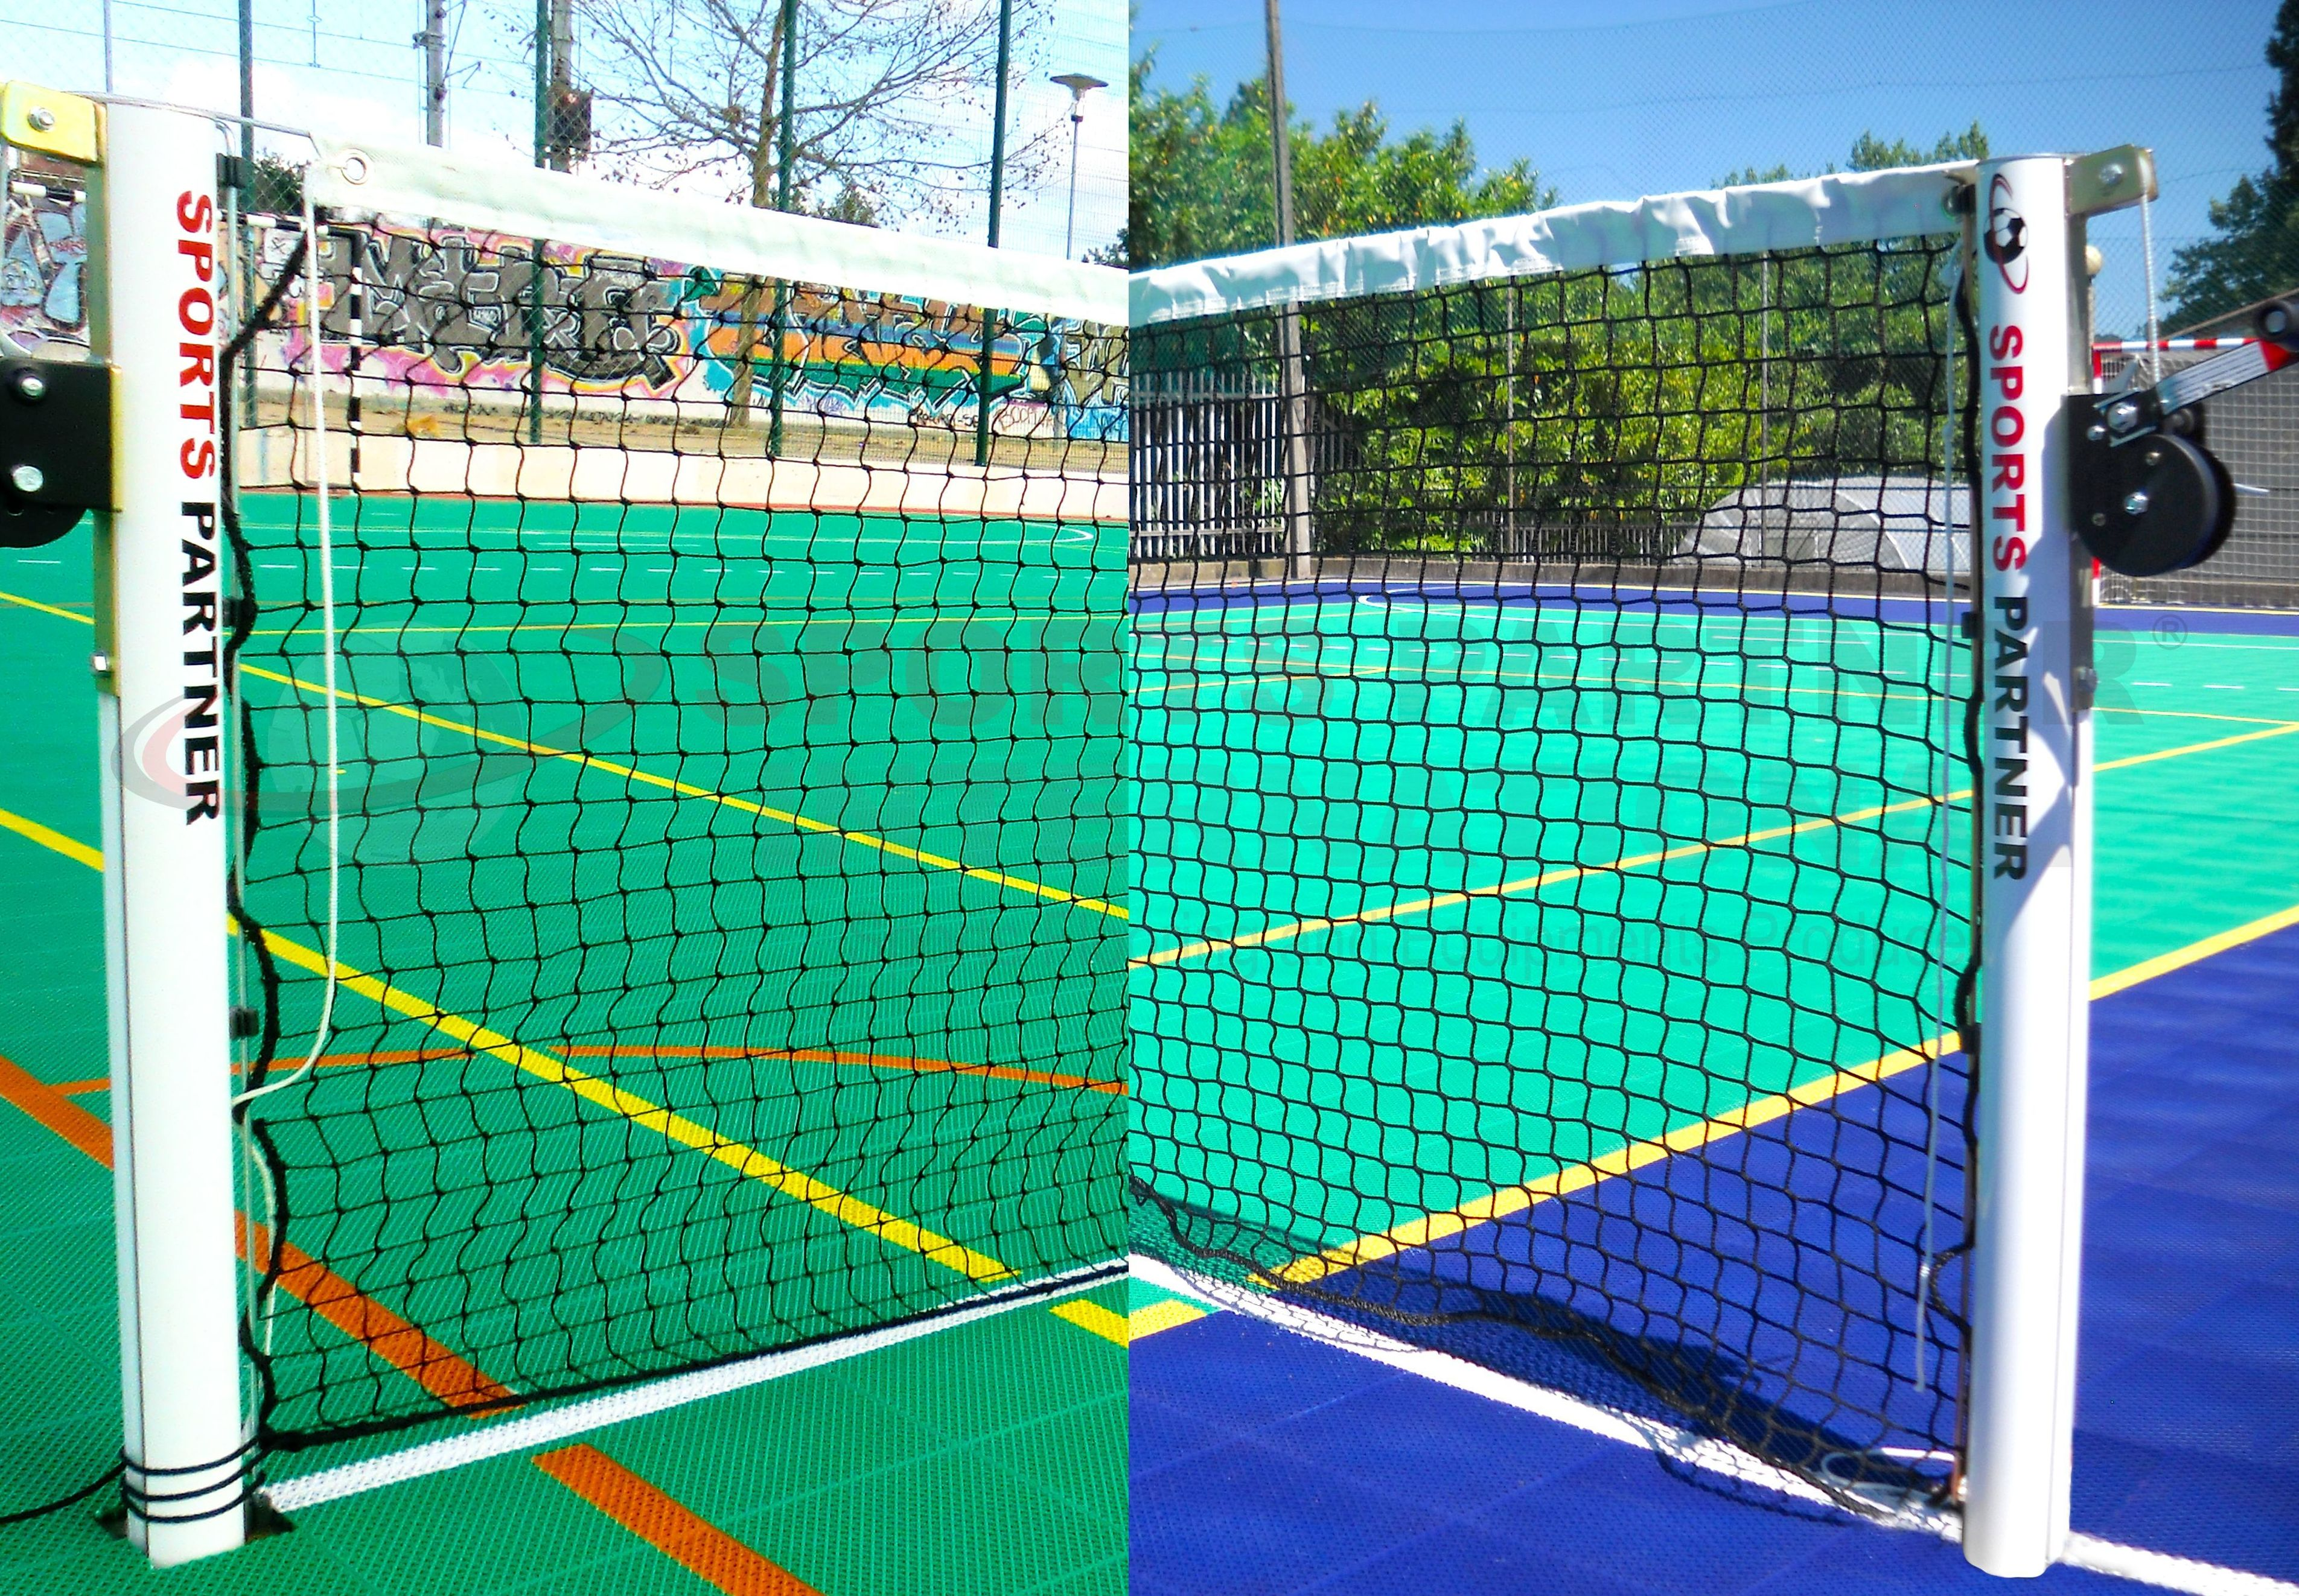 Equipamiento para la práctica del tenis y voley.